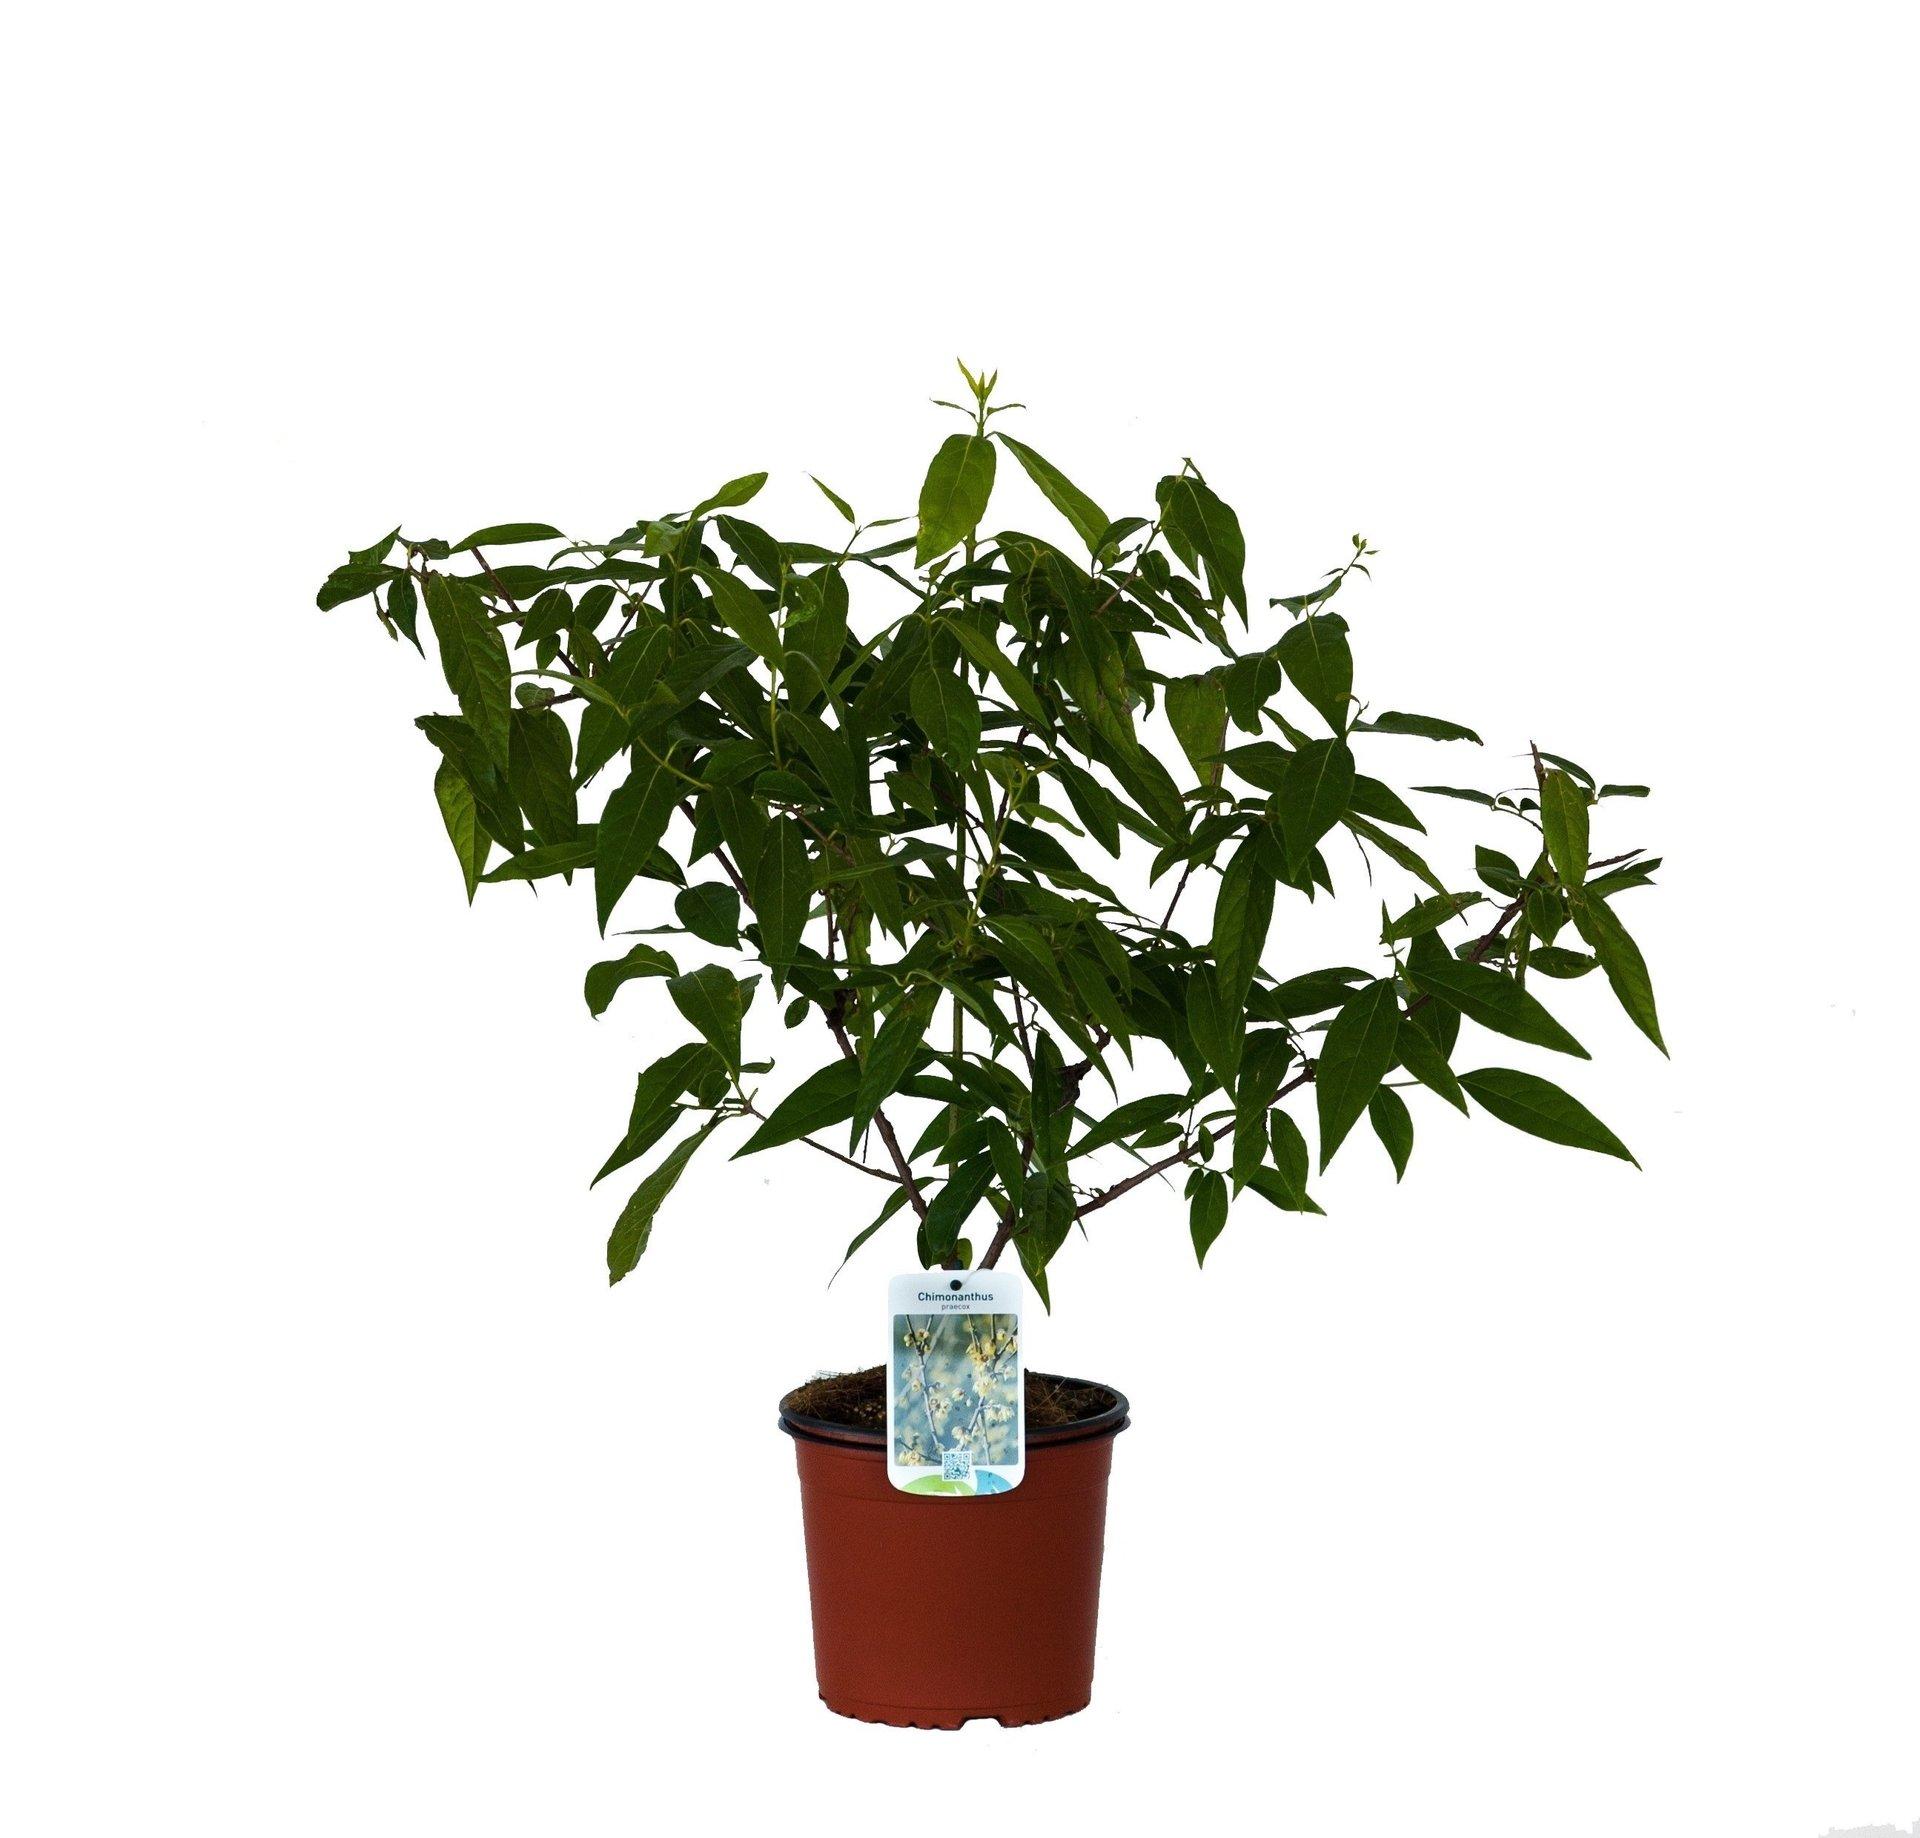 Calicanto Fiore D Inverno chimonanthus praecox v19 (calicanto invernale)